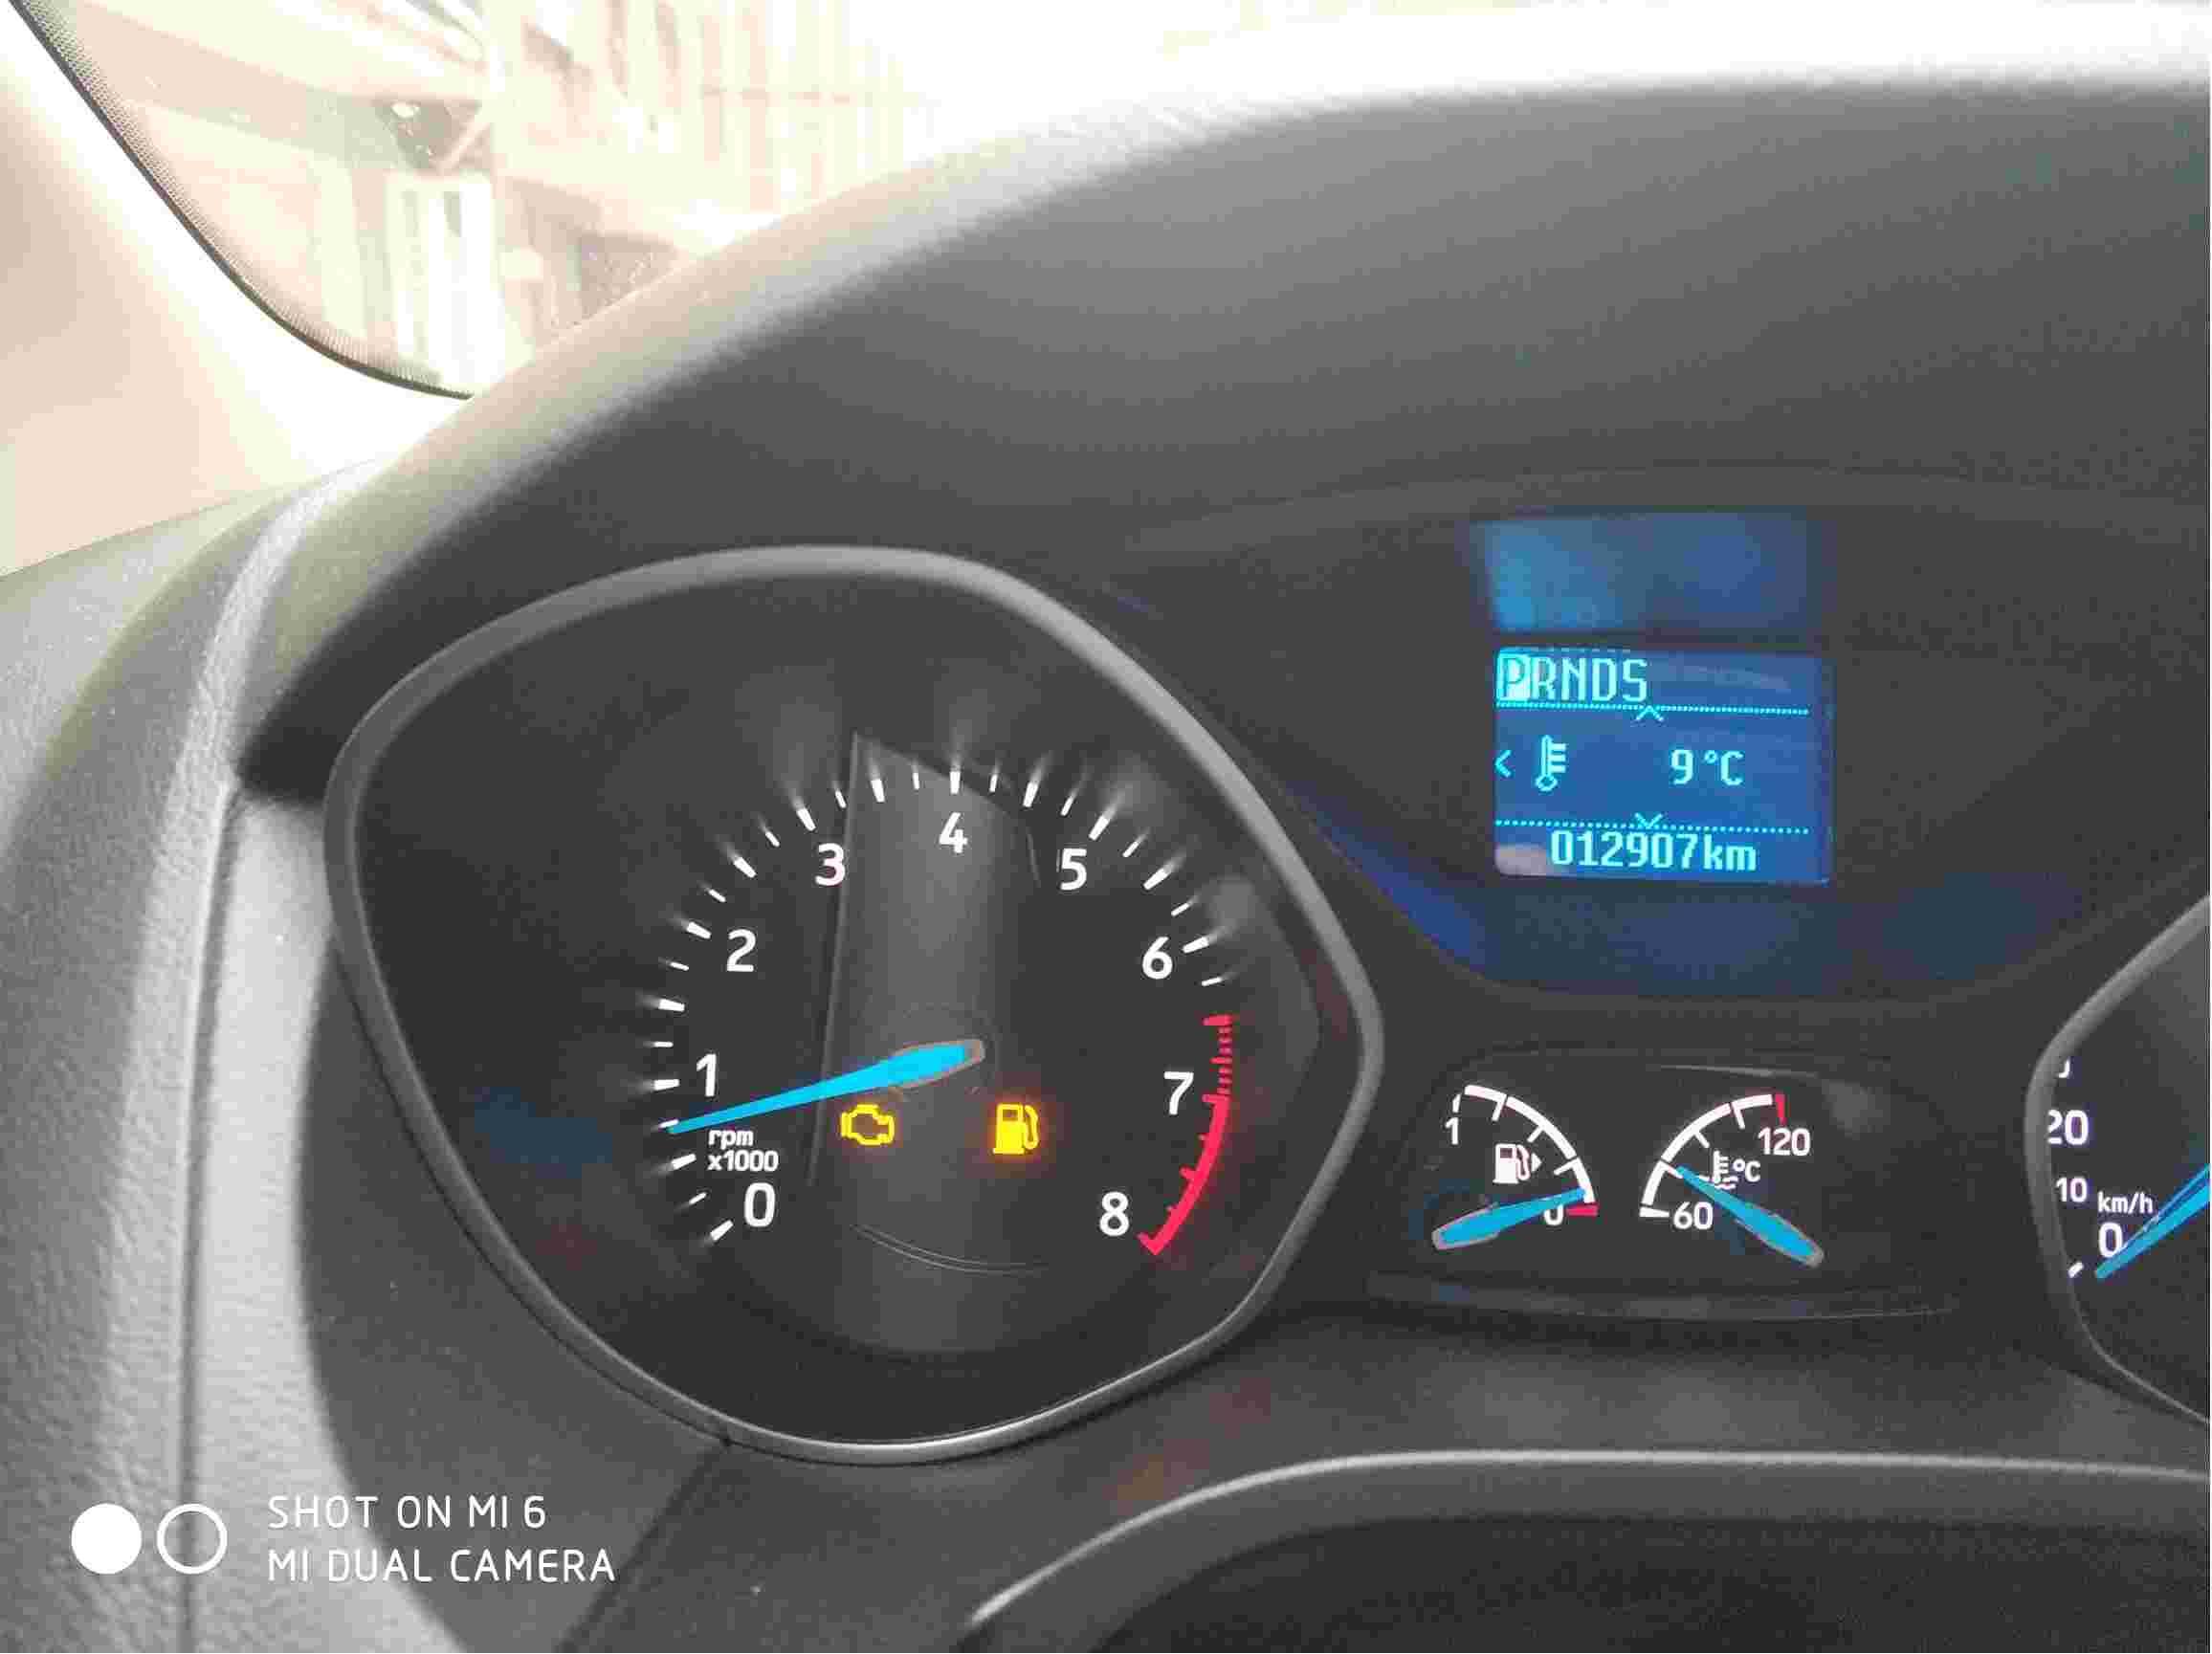 质保期内发动机故障灯多次亮起,配件批次缺陷